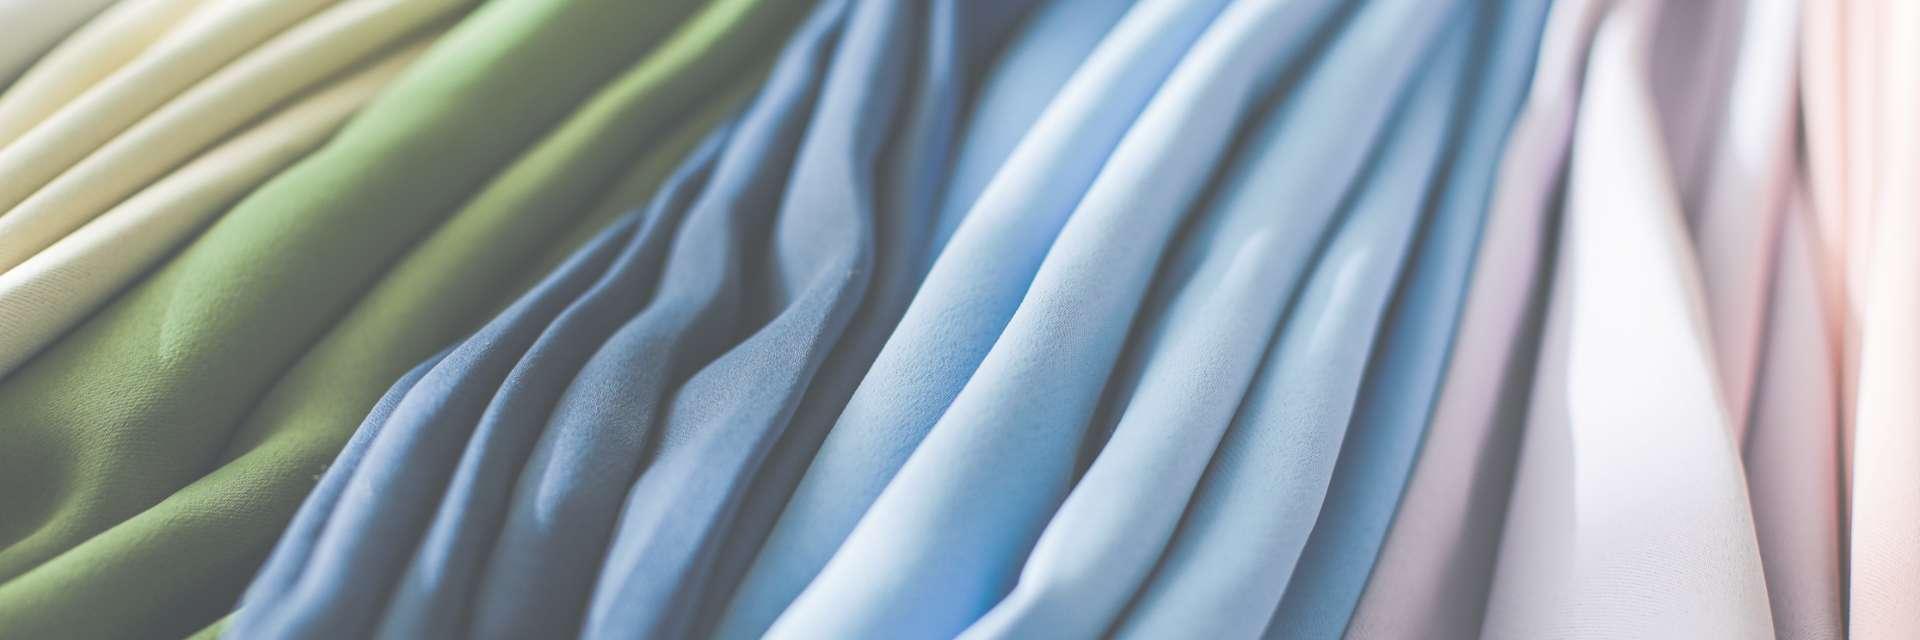 パレットカーテンの特徴